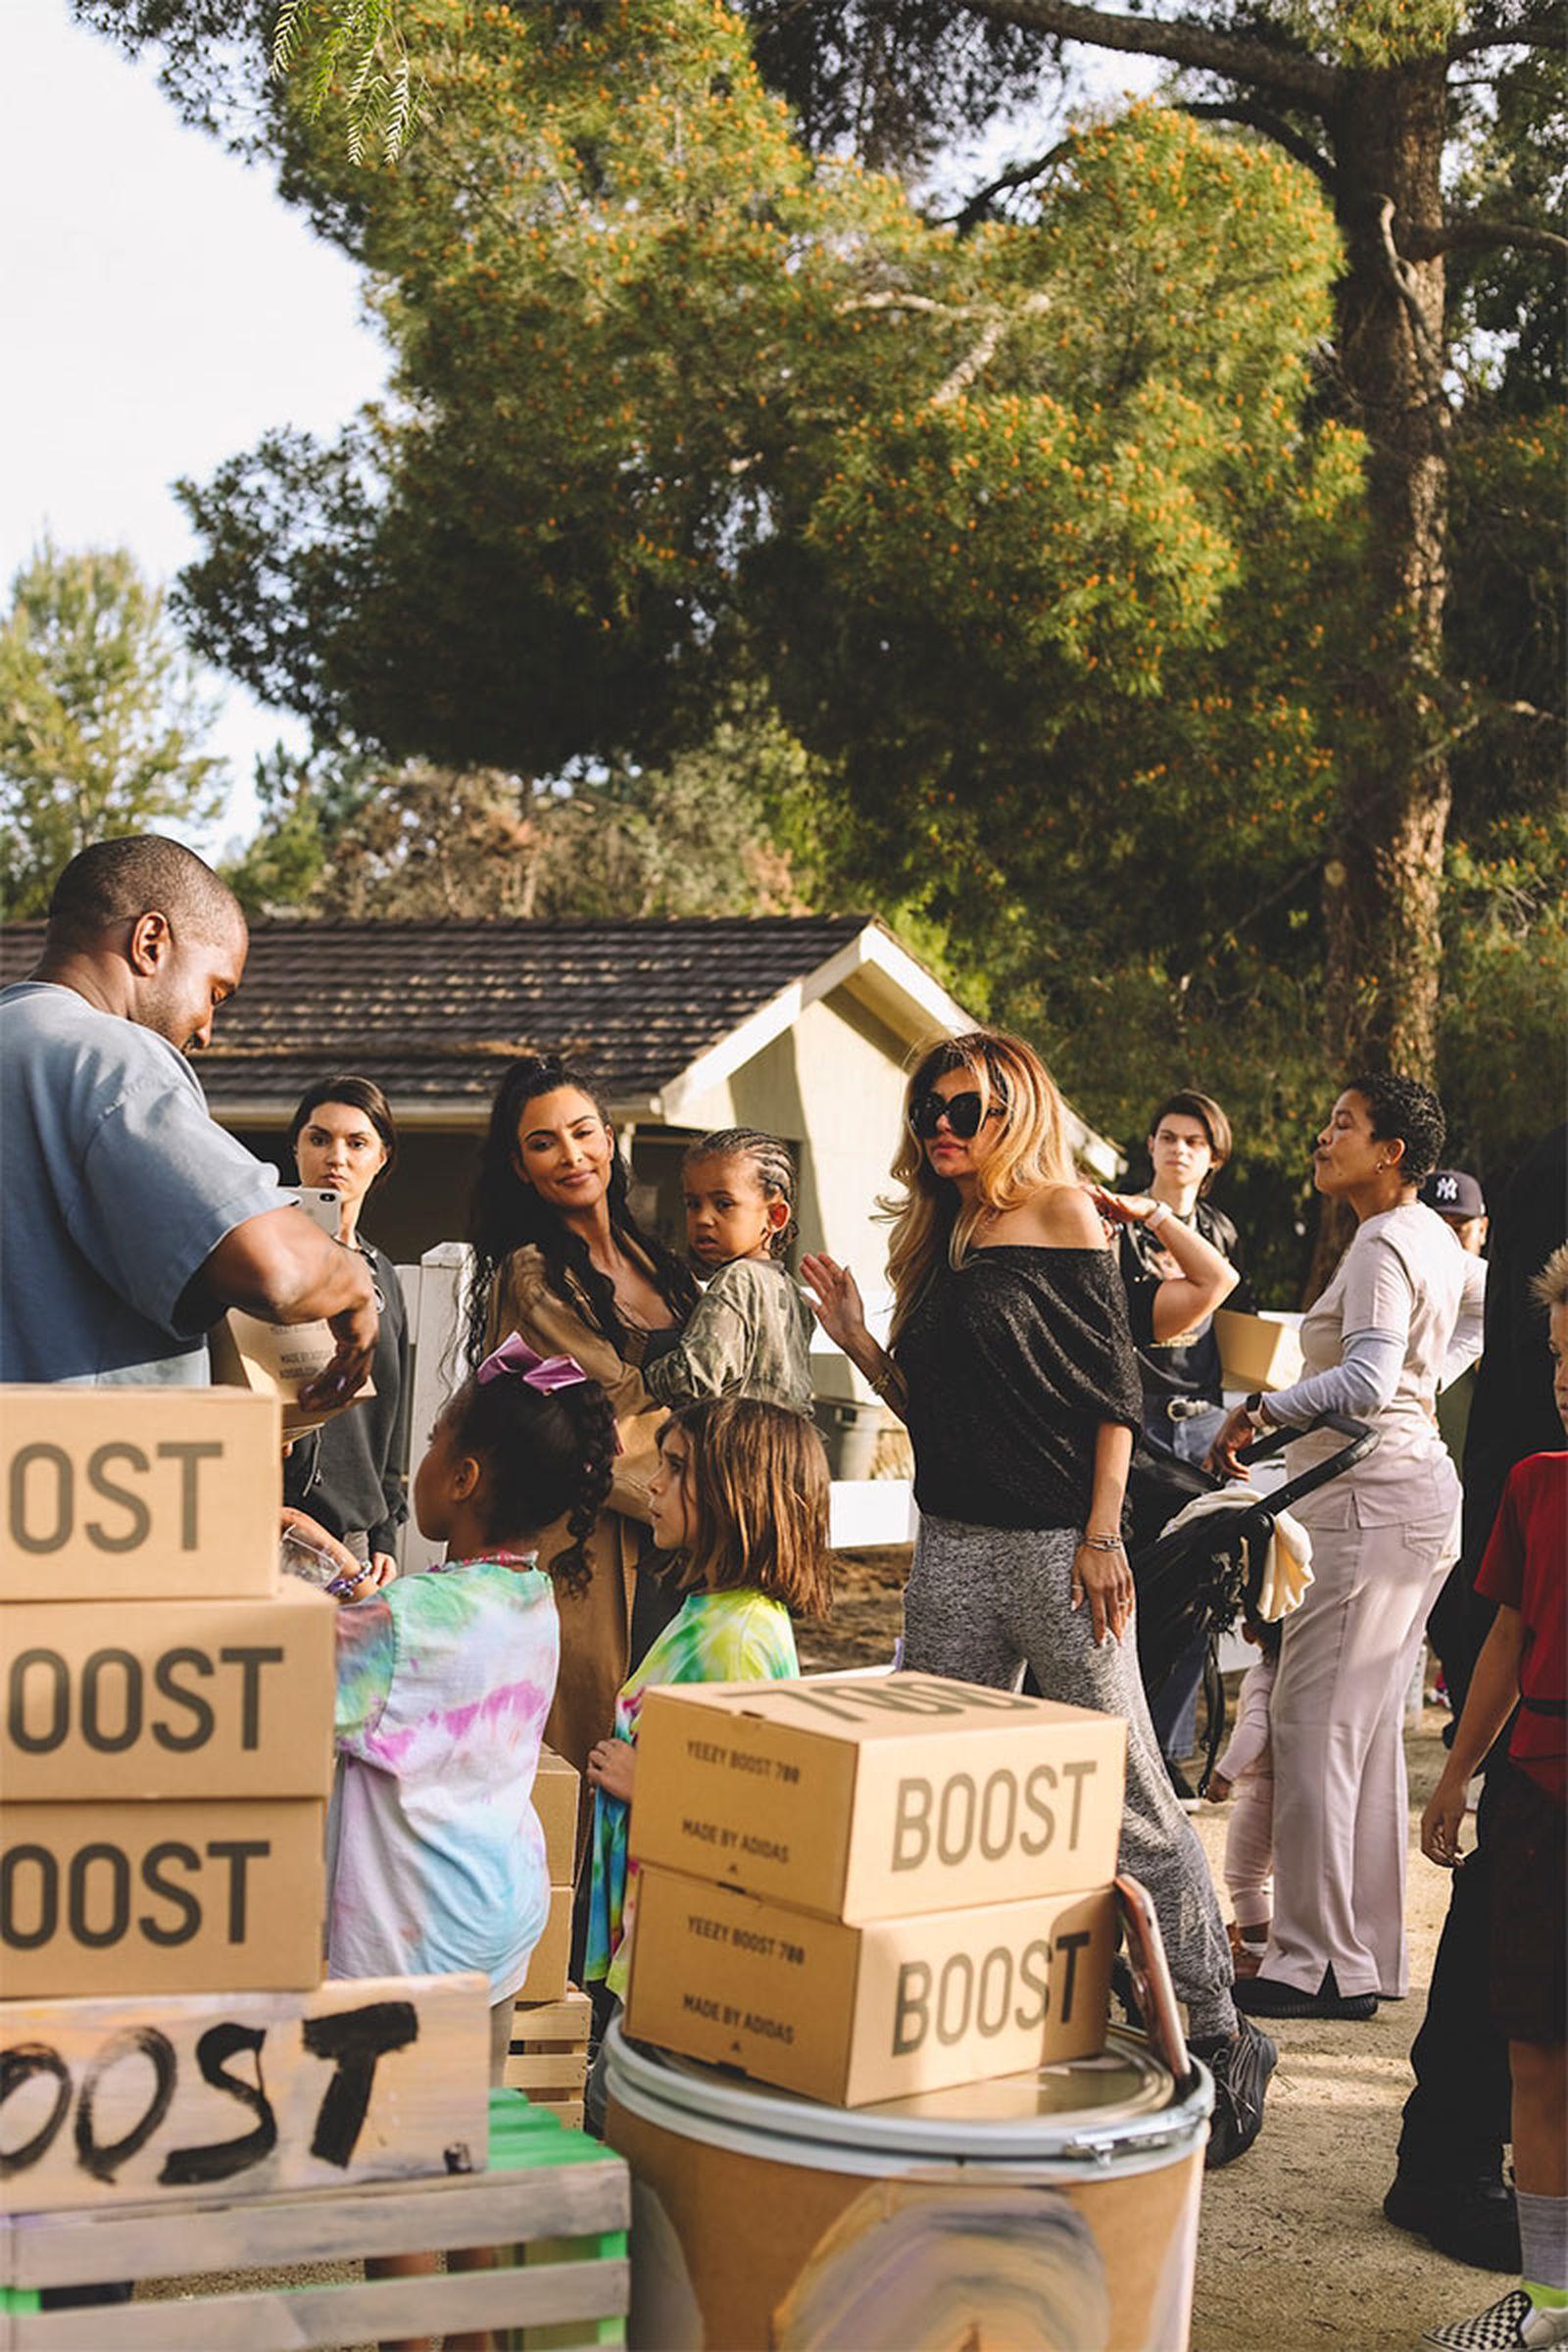 yeezy lemonade stands Kim Kardashian West adidas YEEZY Boost 700 V2 kanye west